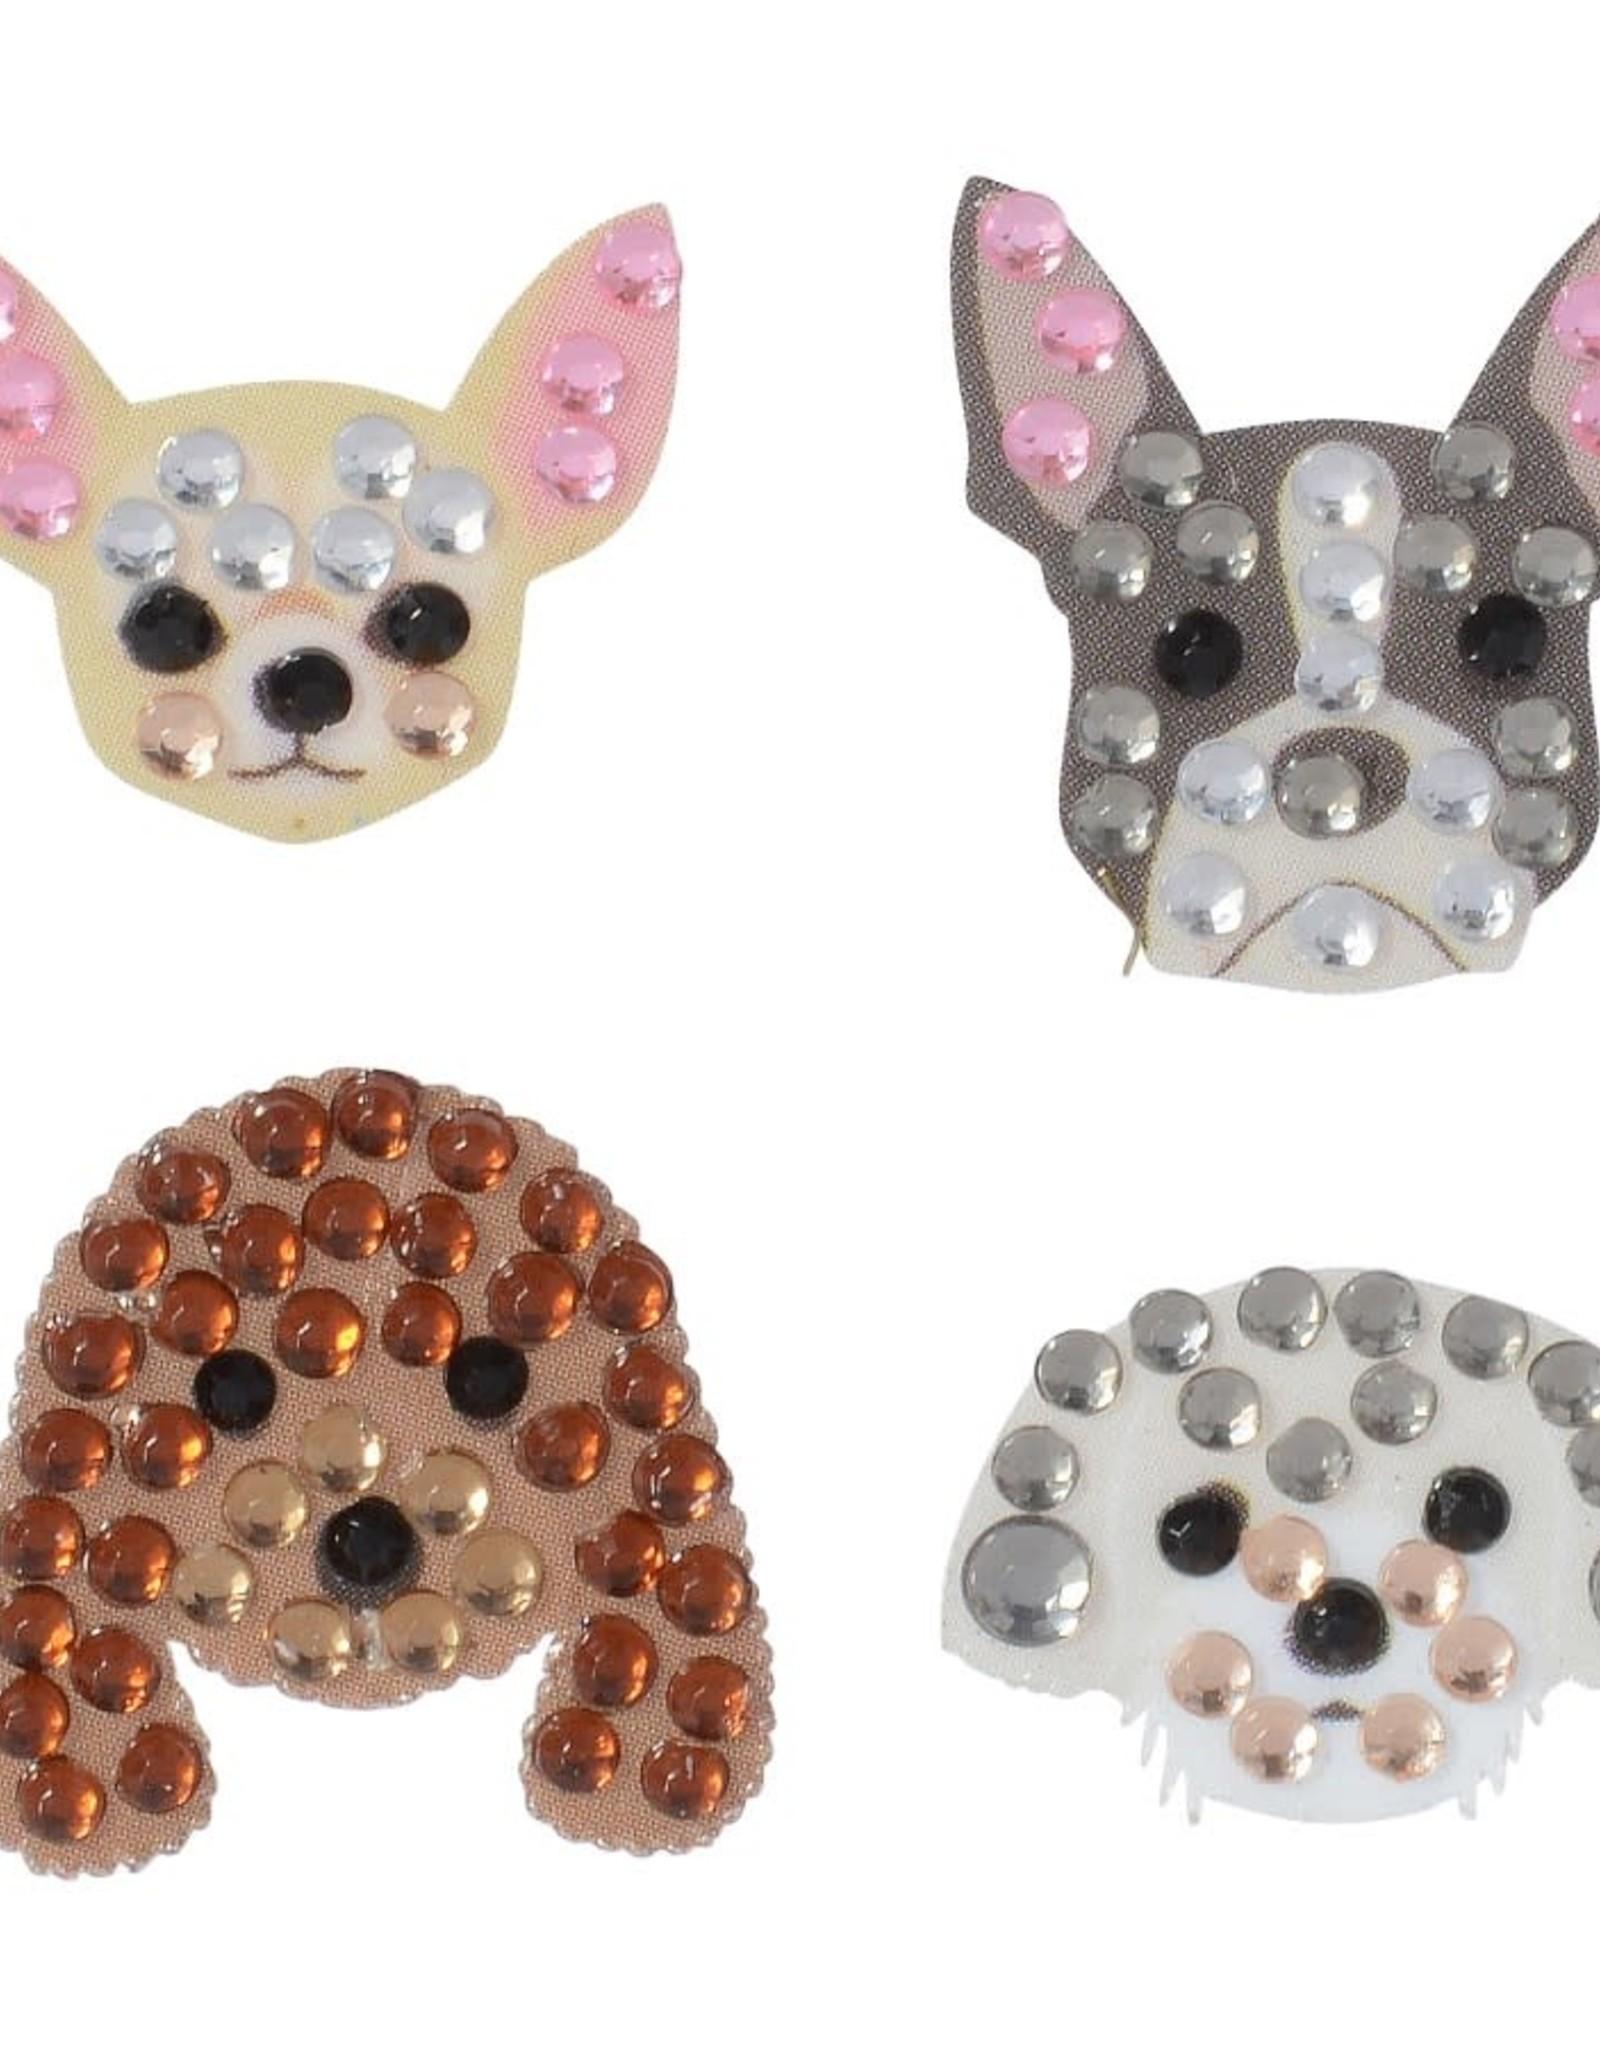 Sticker Beans Sticker Bean  Puppy Love